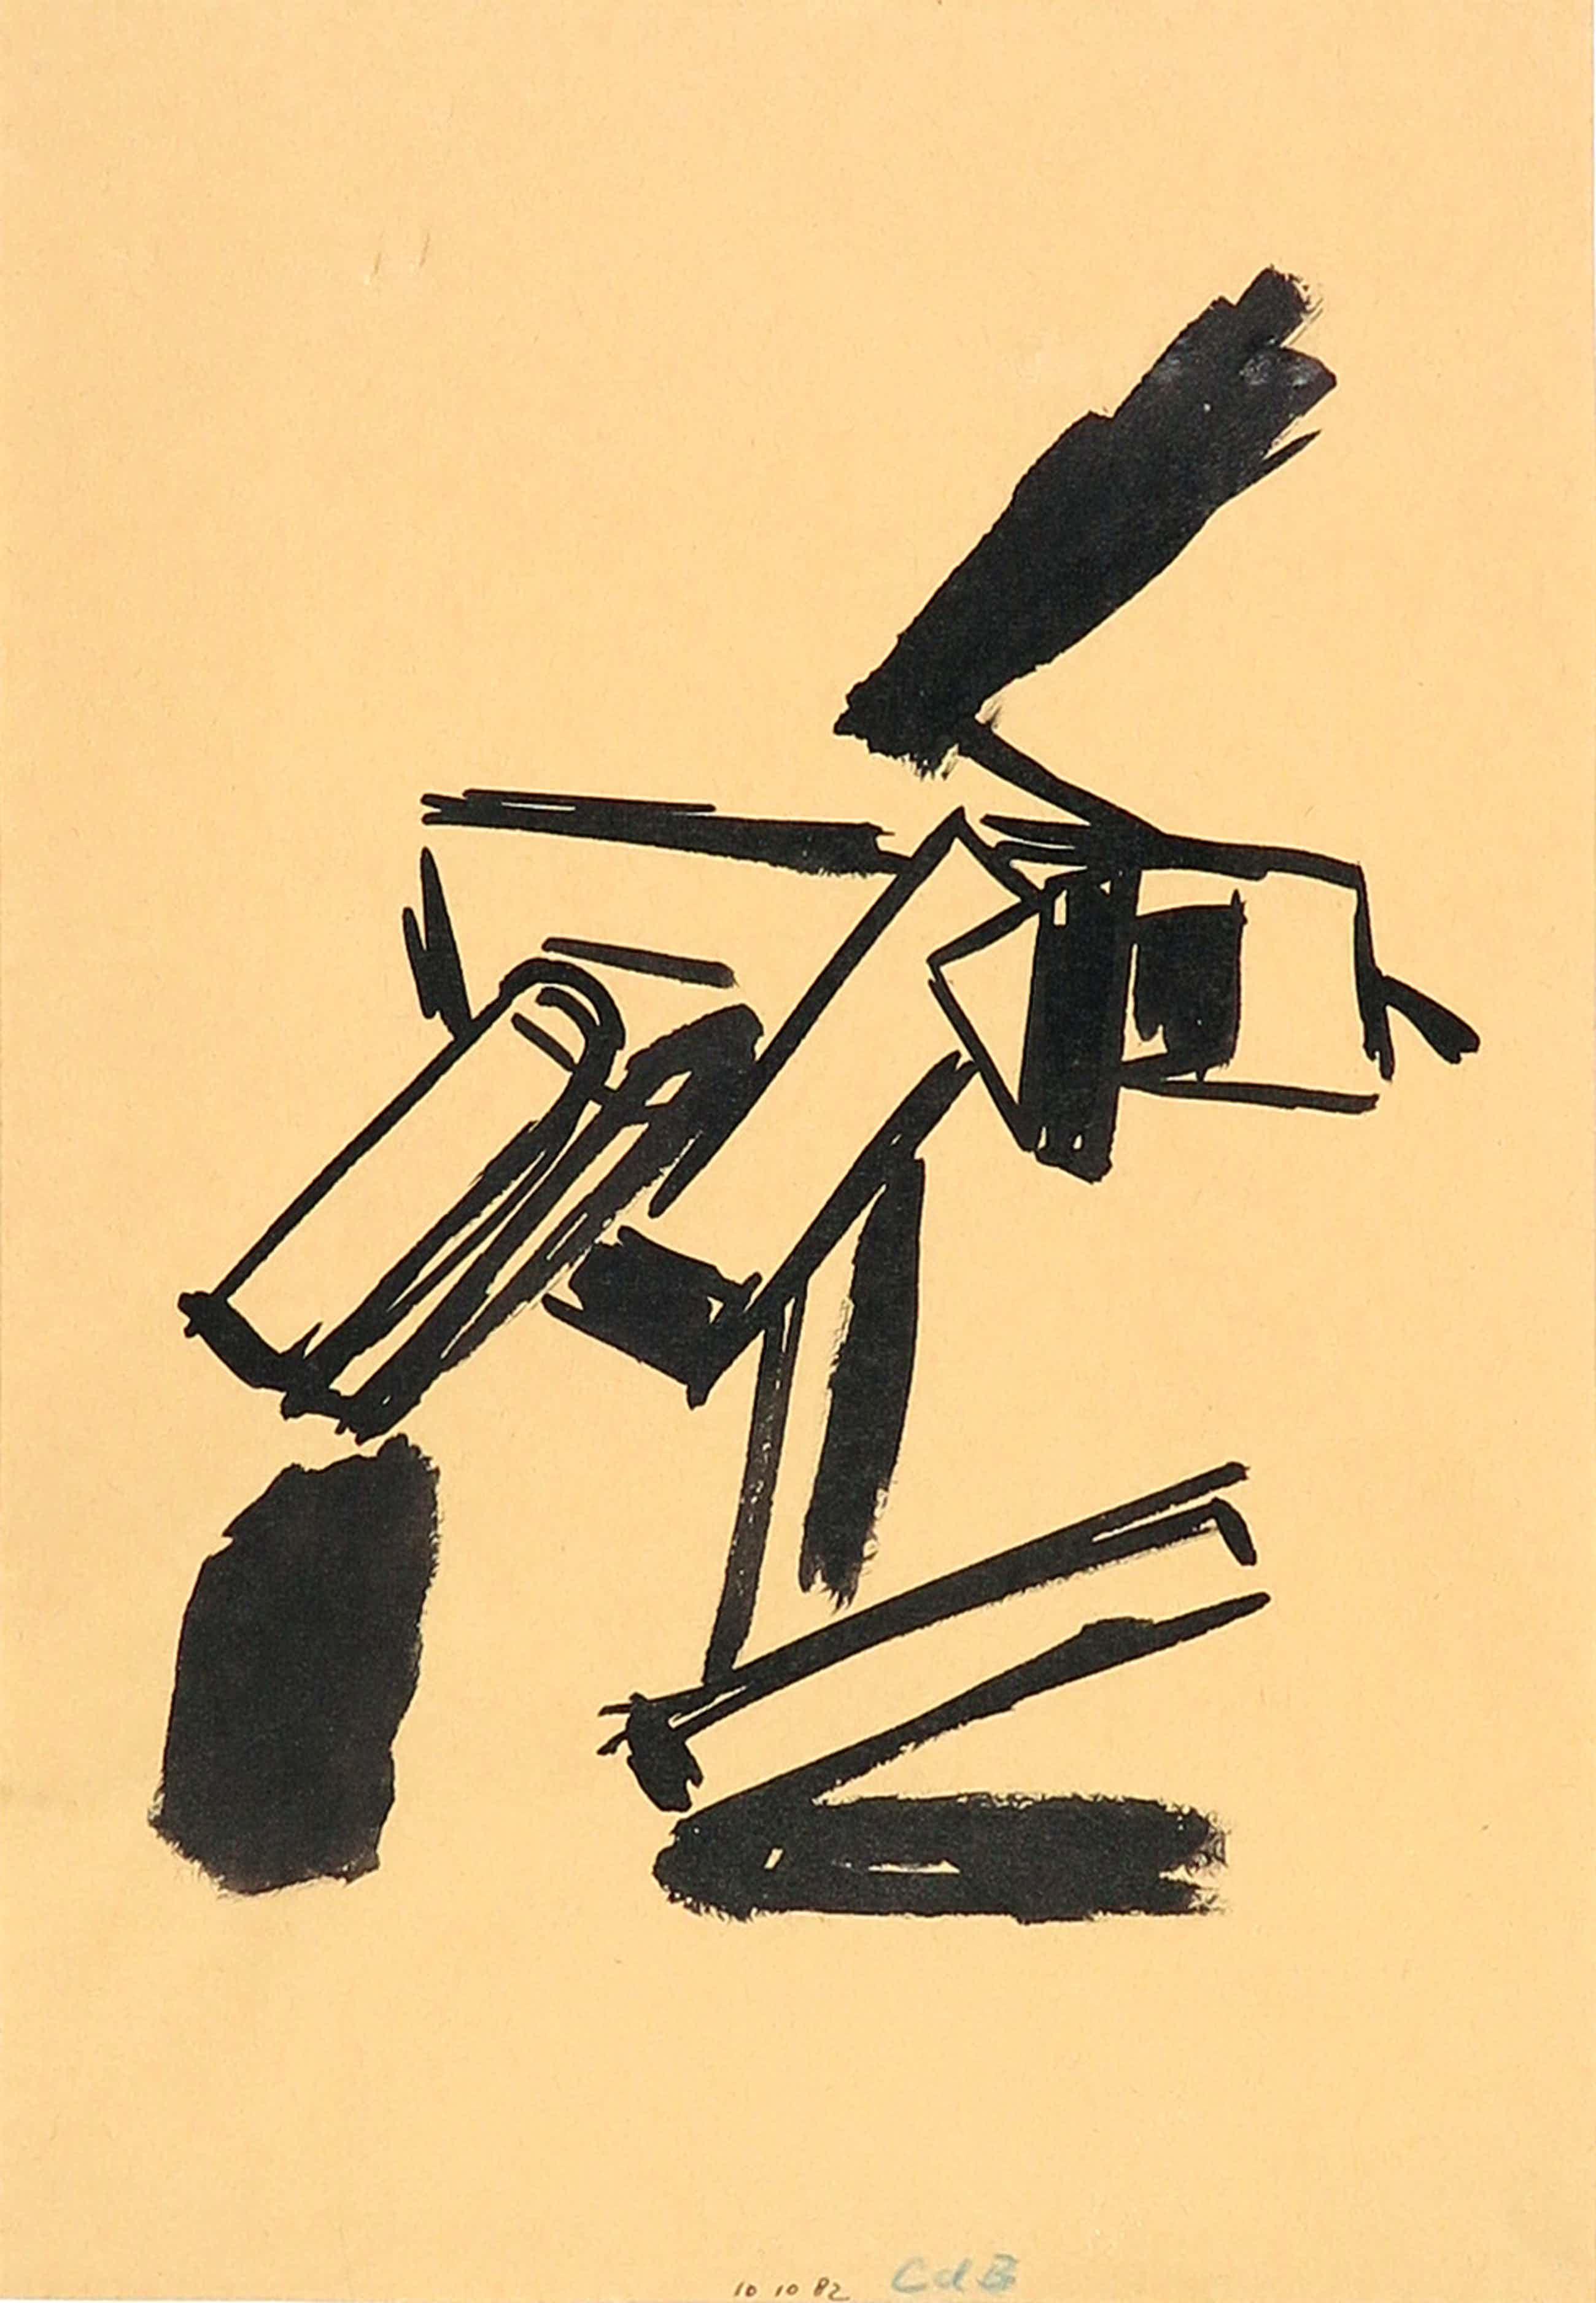 Chris de Bueger - Inkttekening, Abstracte compositie kopen? Bied vanaf 35!